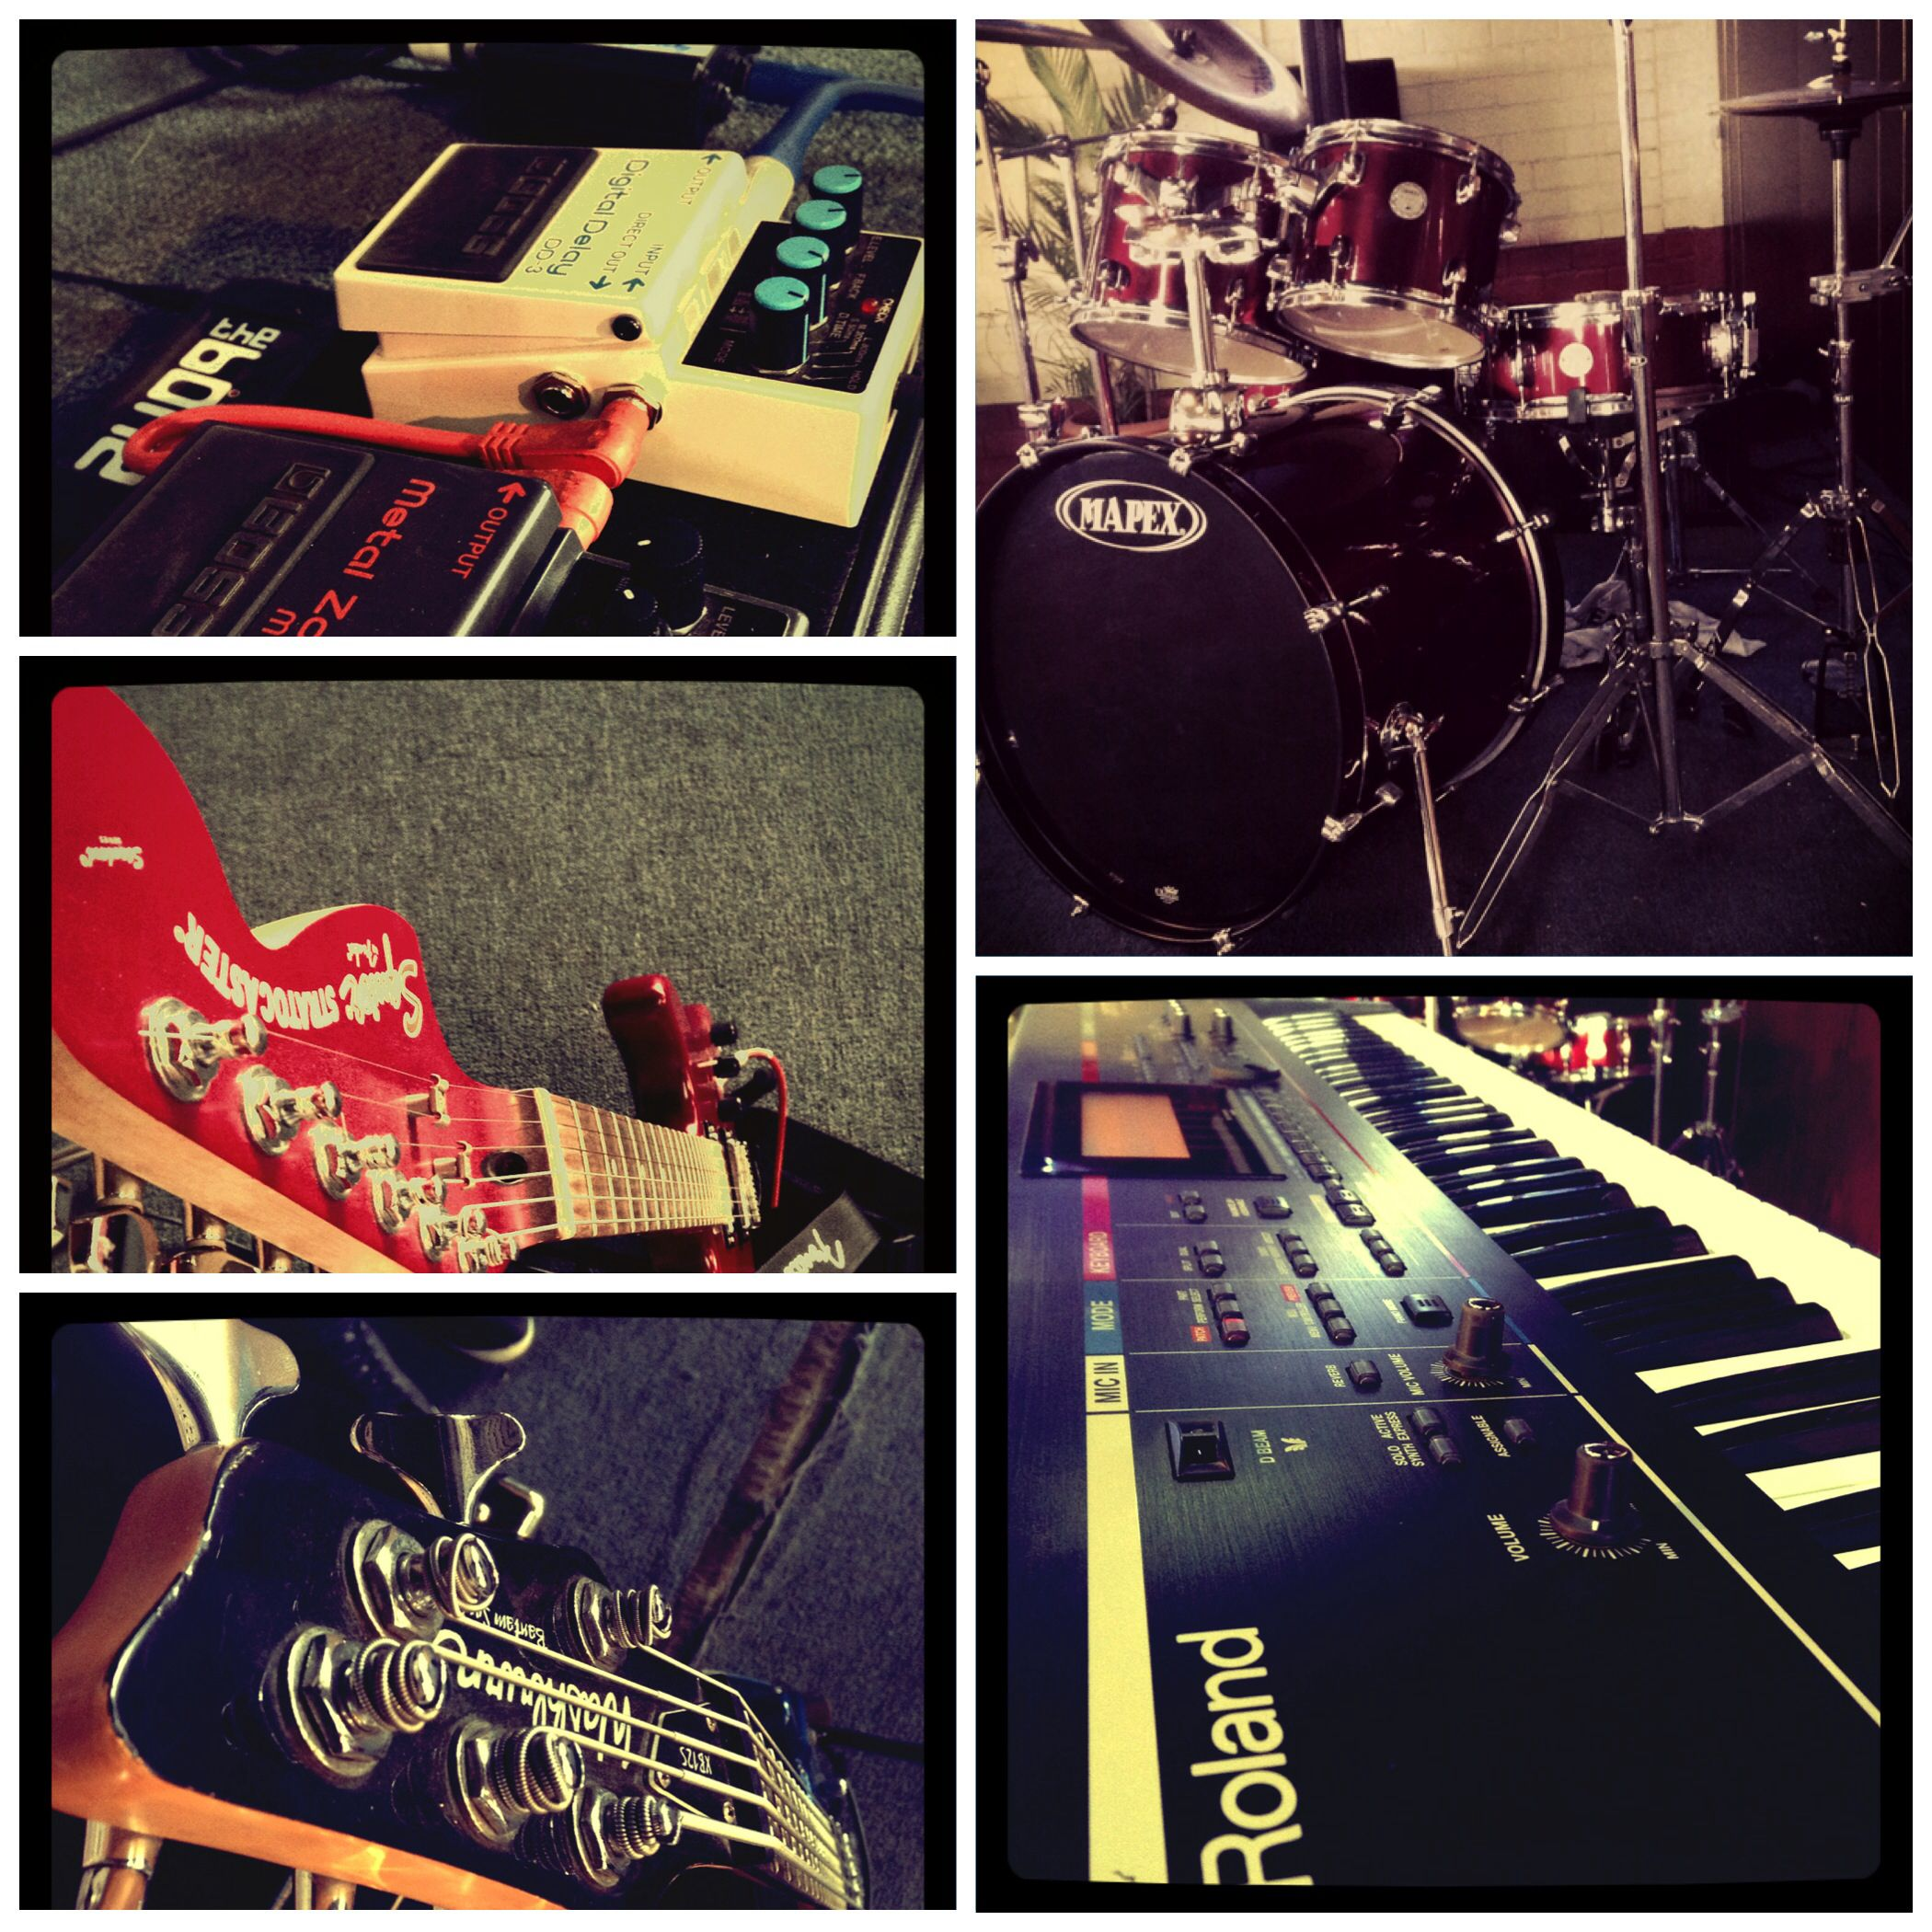 La música es nuestro motor.